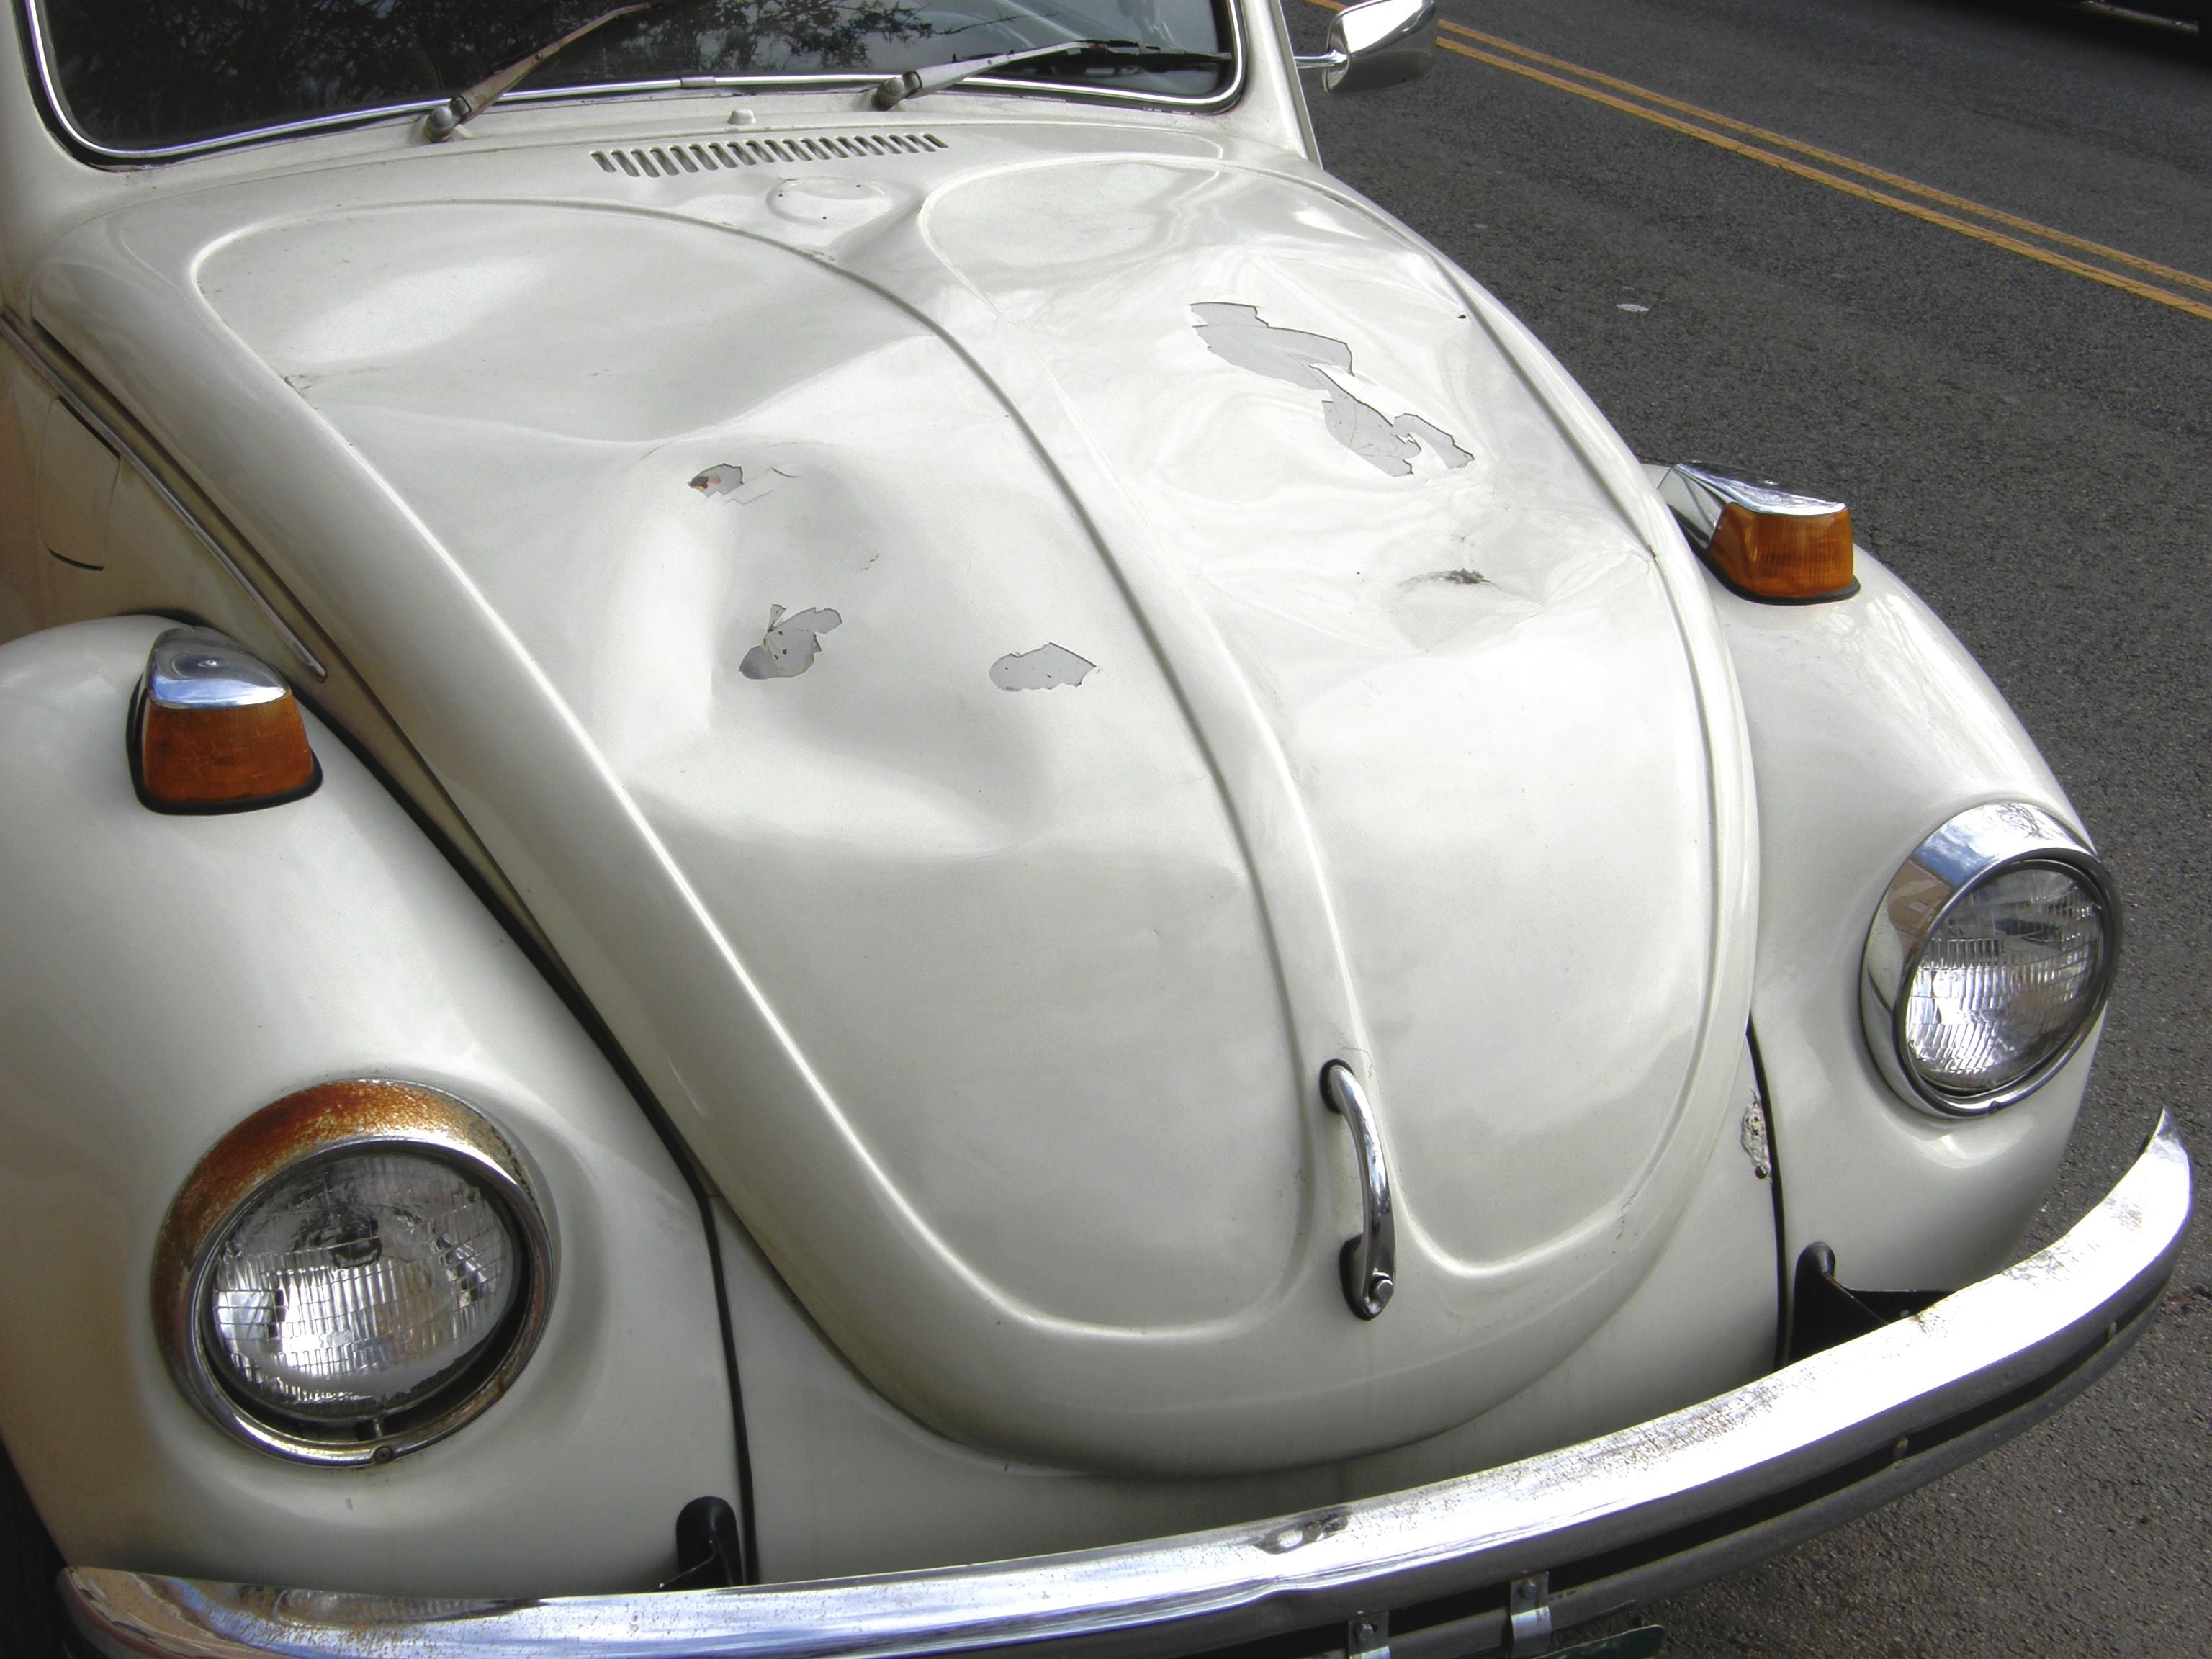 coliseum bugo over story show original takes news car paso local county volkswagen el